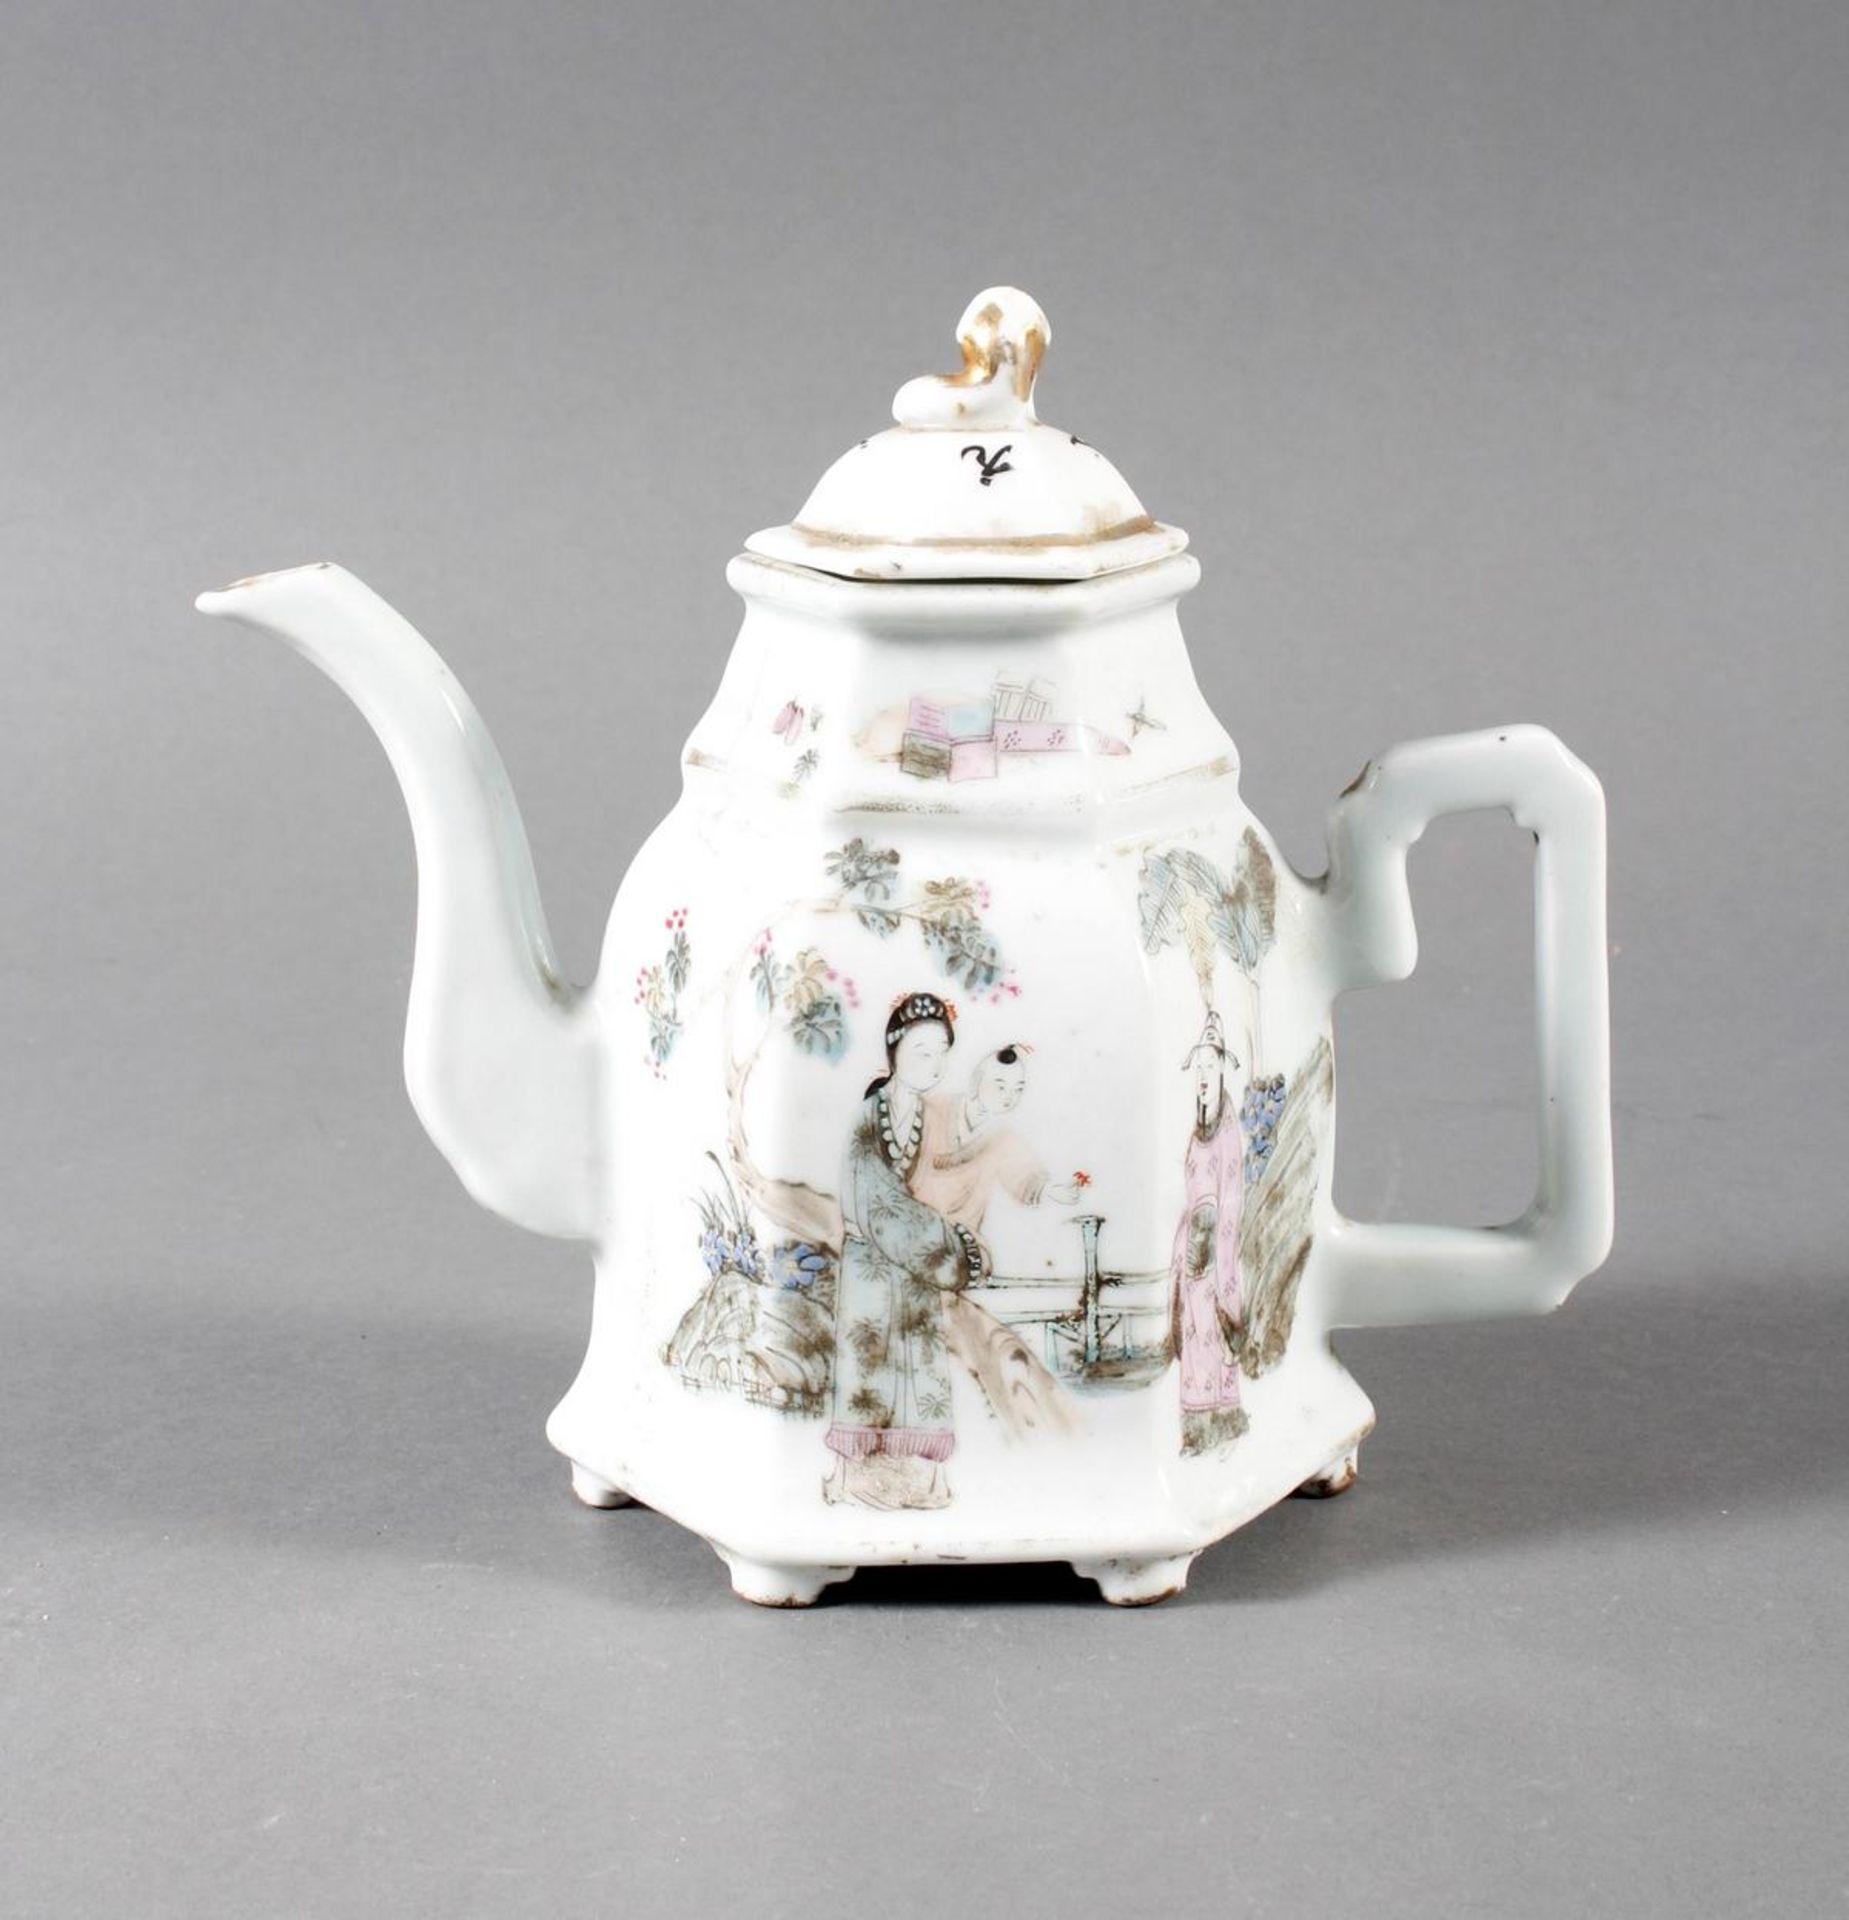 Porzellan Teekann, China, 19. Jahrhundert